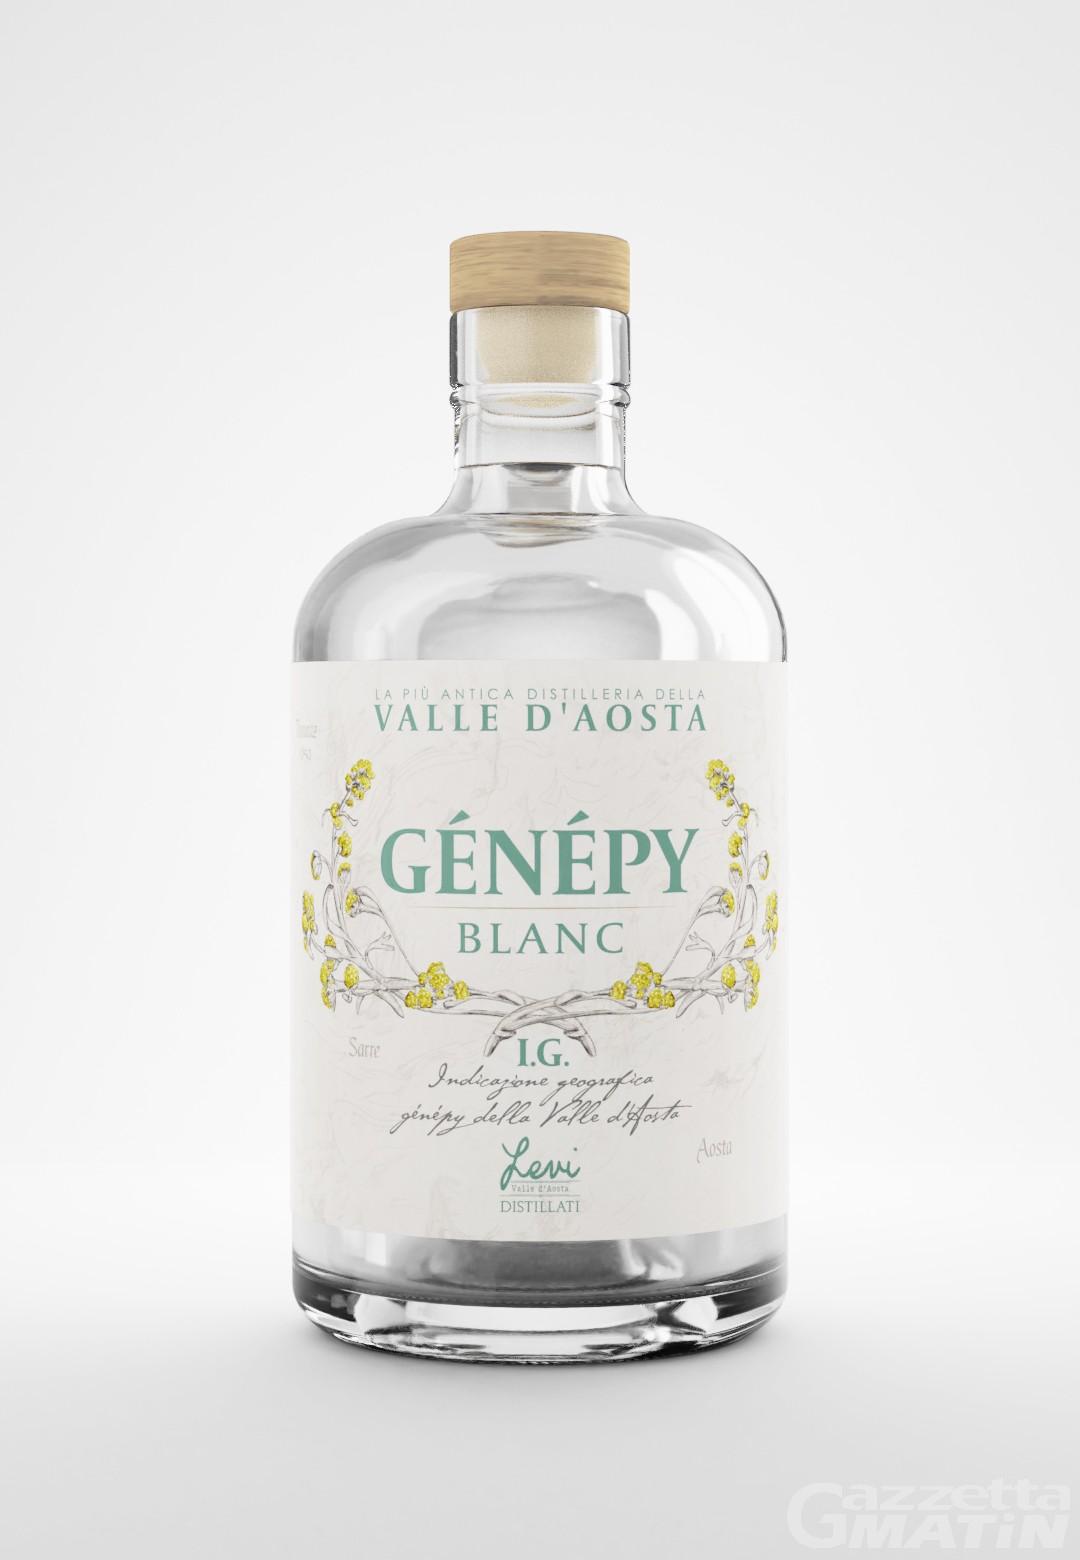 Distillati: nasce il Génépy Blanc a Indicazione Geografica della Valle d'Aosta